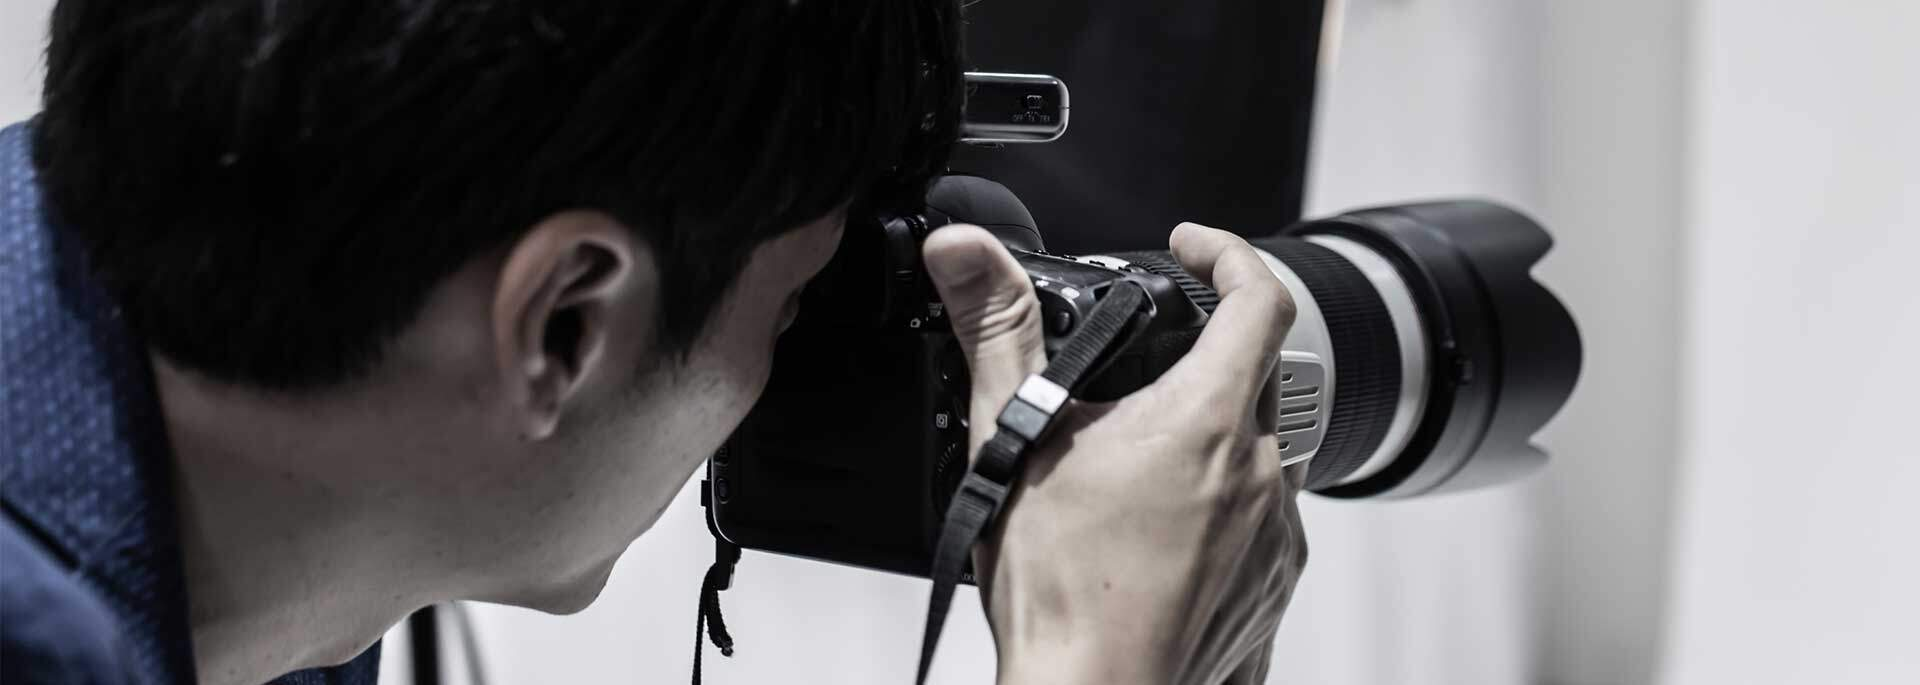 Fotograf von hinten beim Fotoshooting